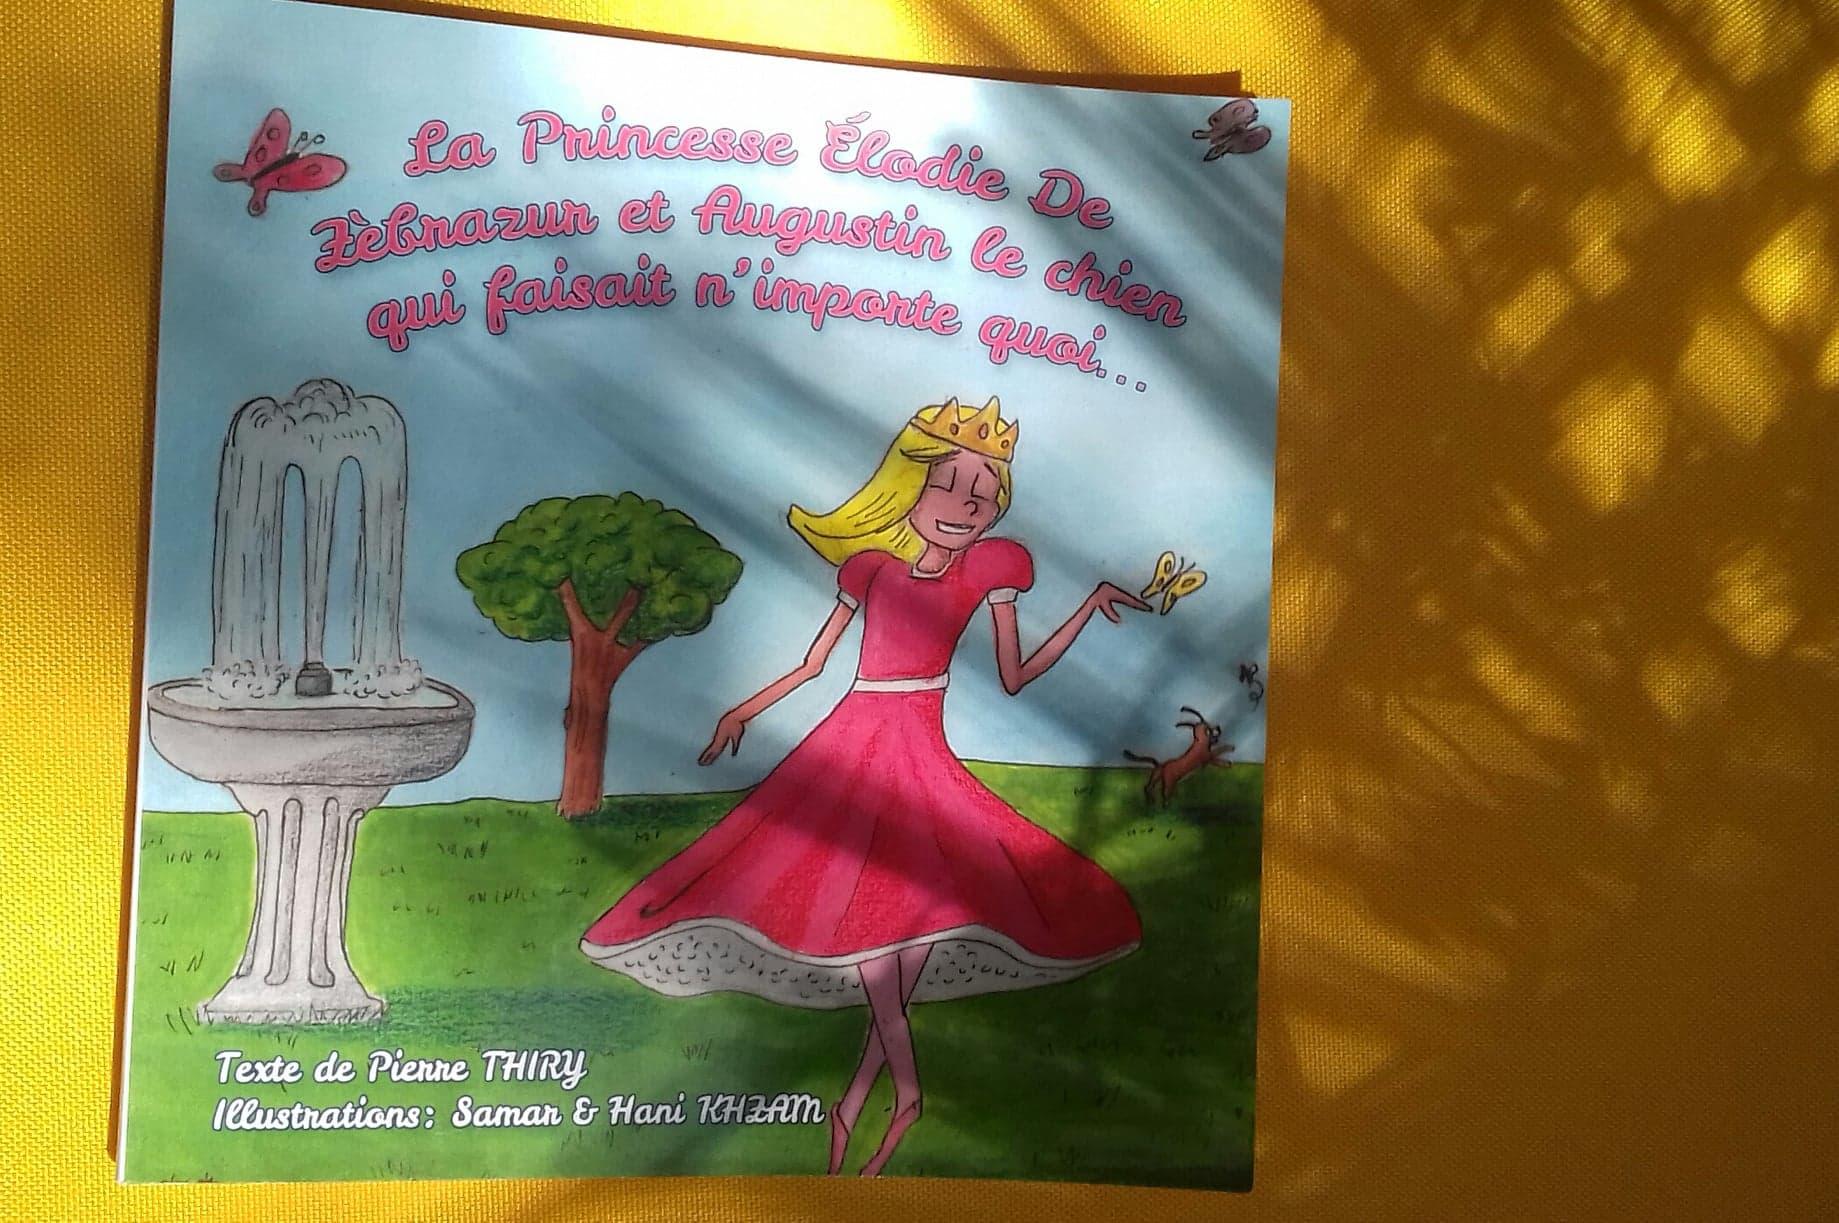 Le galion des etoiles a lu La Princesse Elodie de Zèbrazur et Augustin le chien qui faisait n'importe quoi